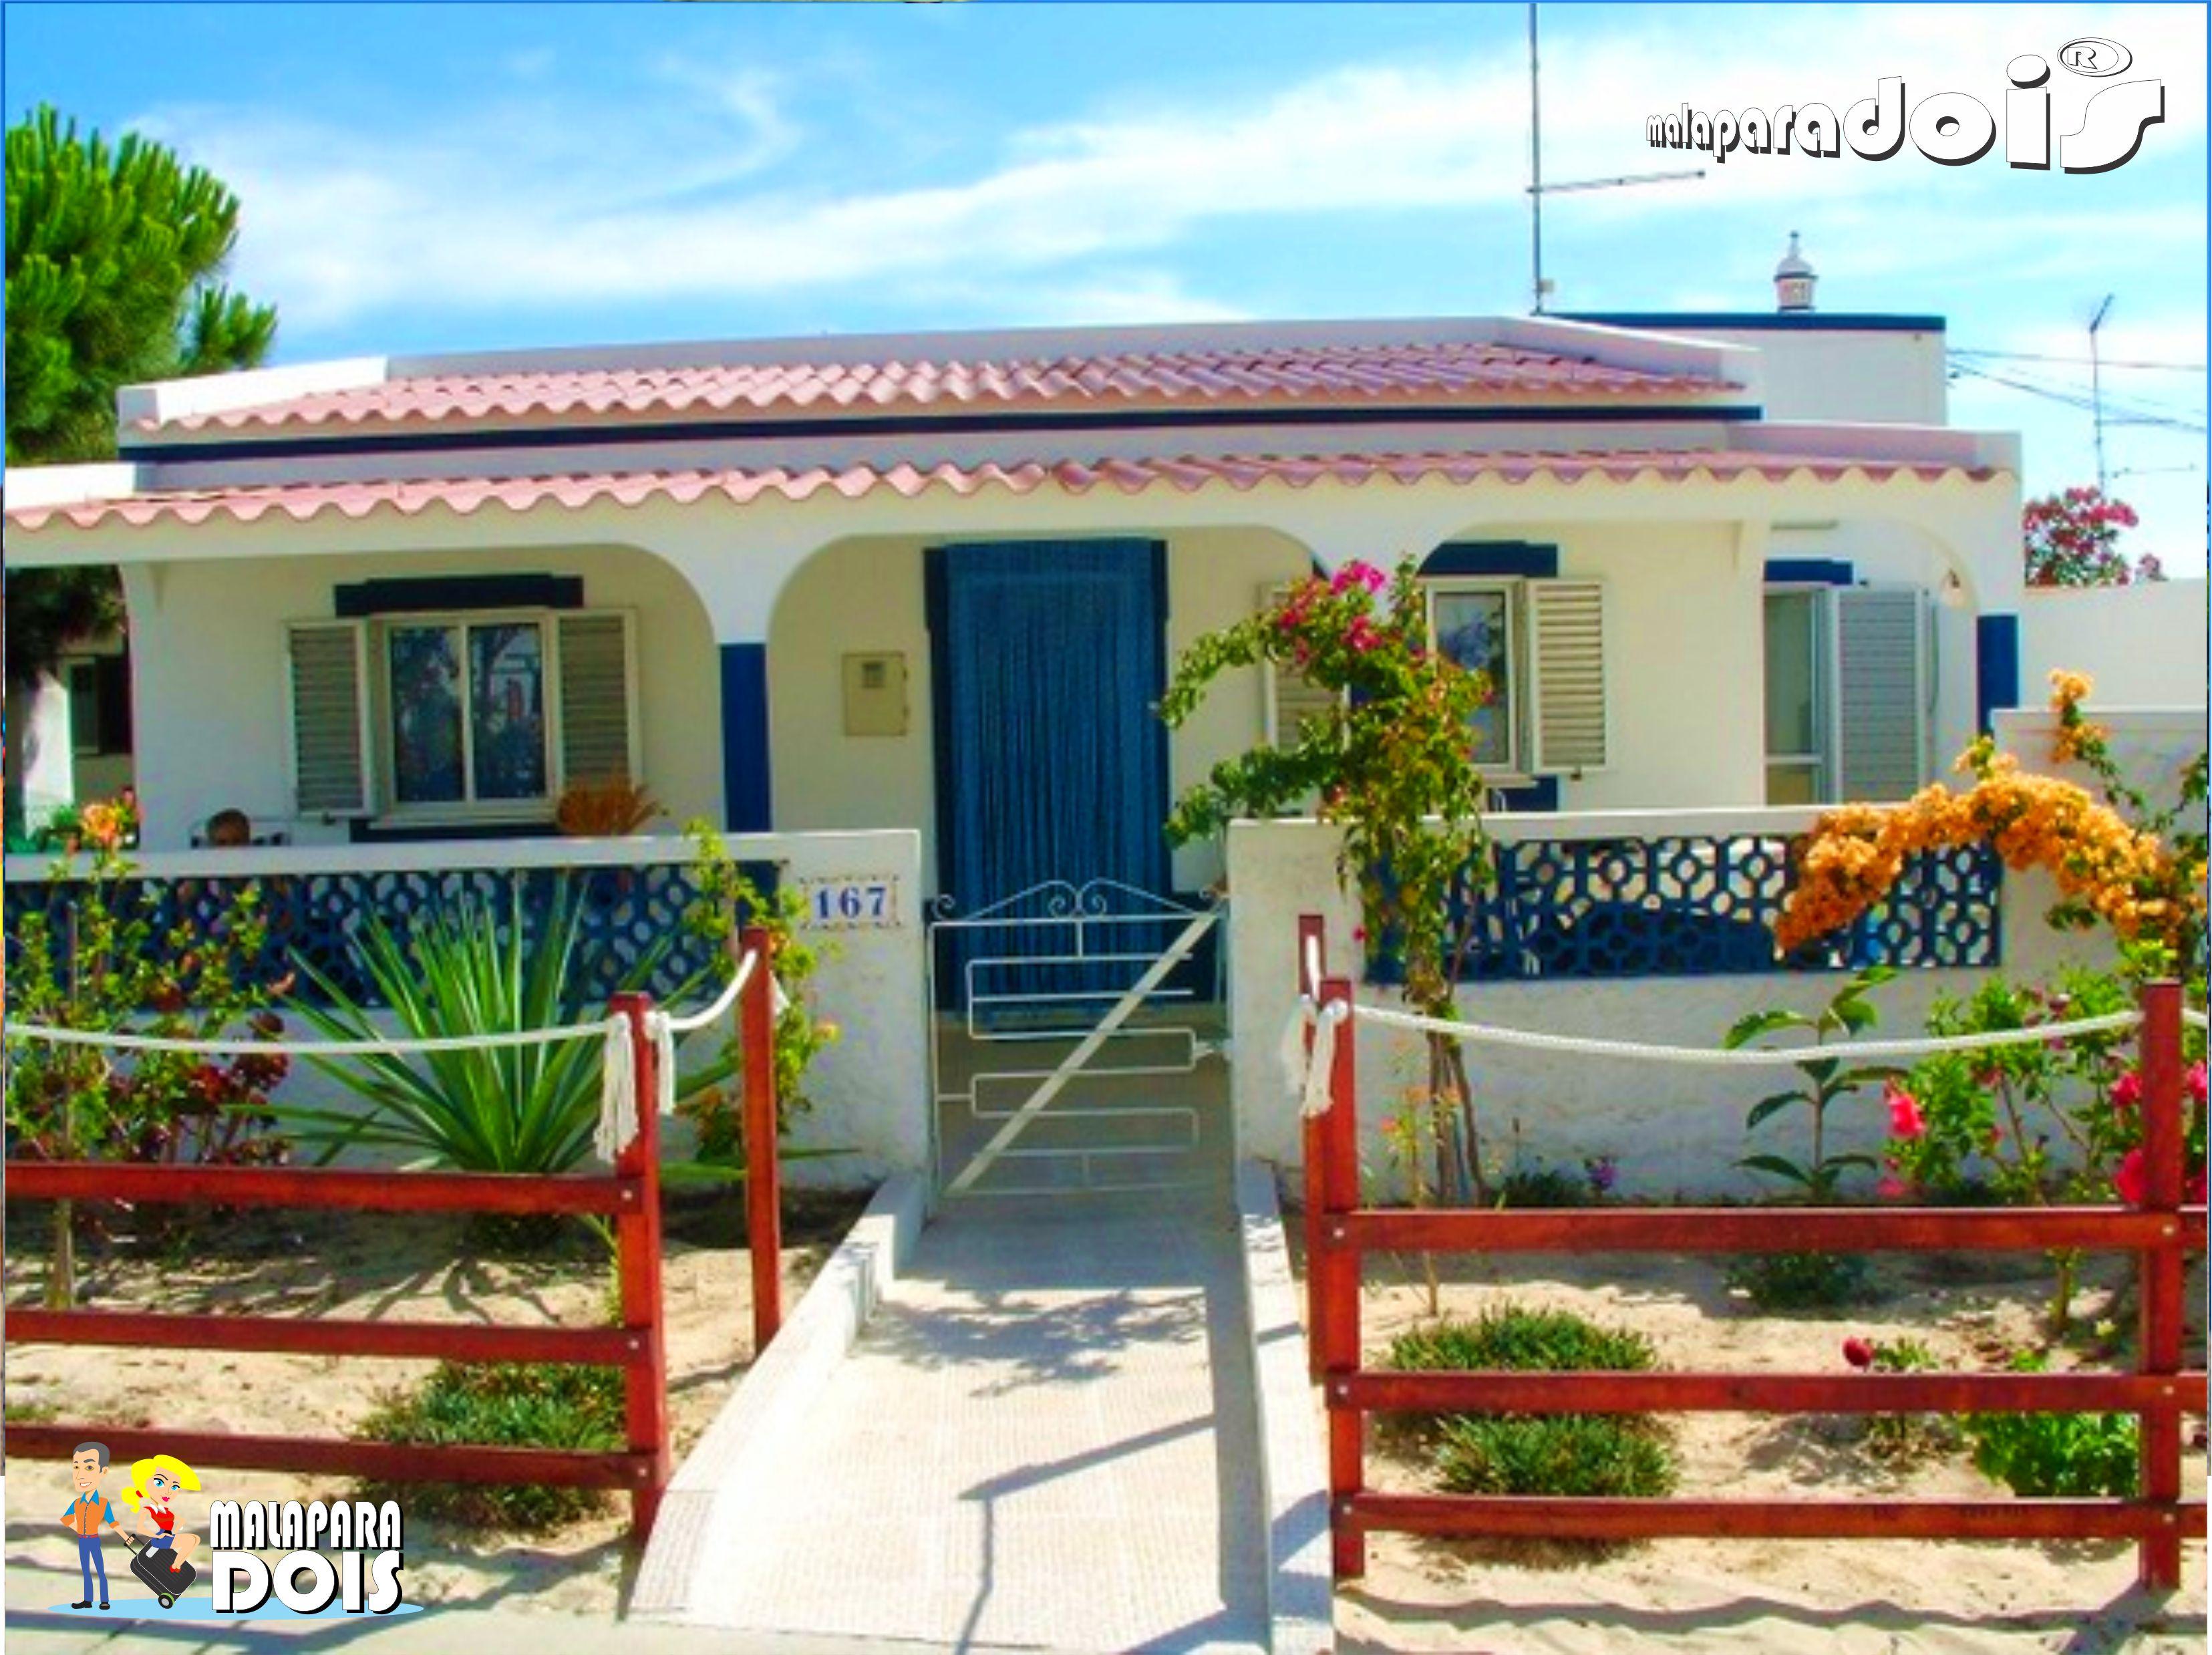 Casas de Olhão